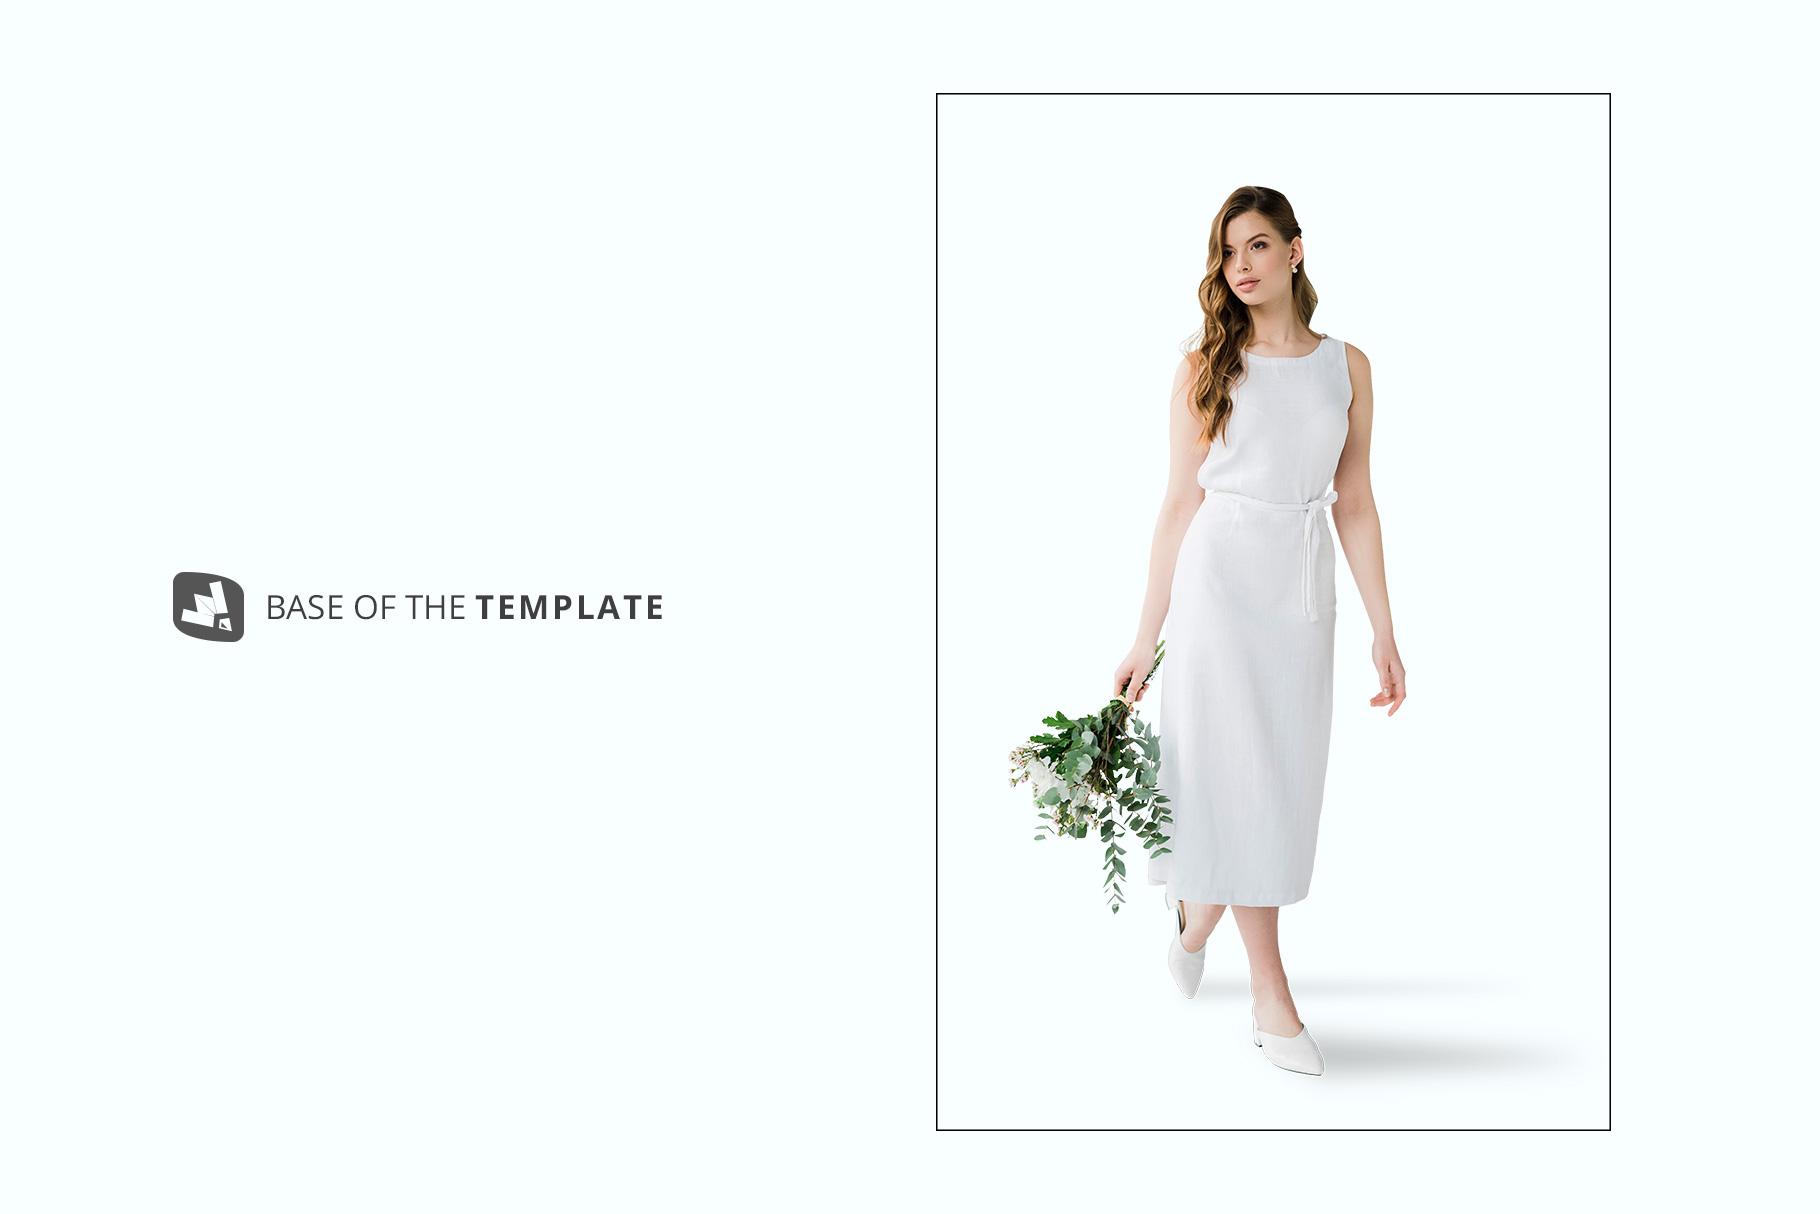 base image of the female cotton summer dress mockup